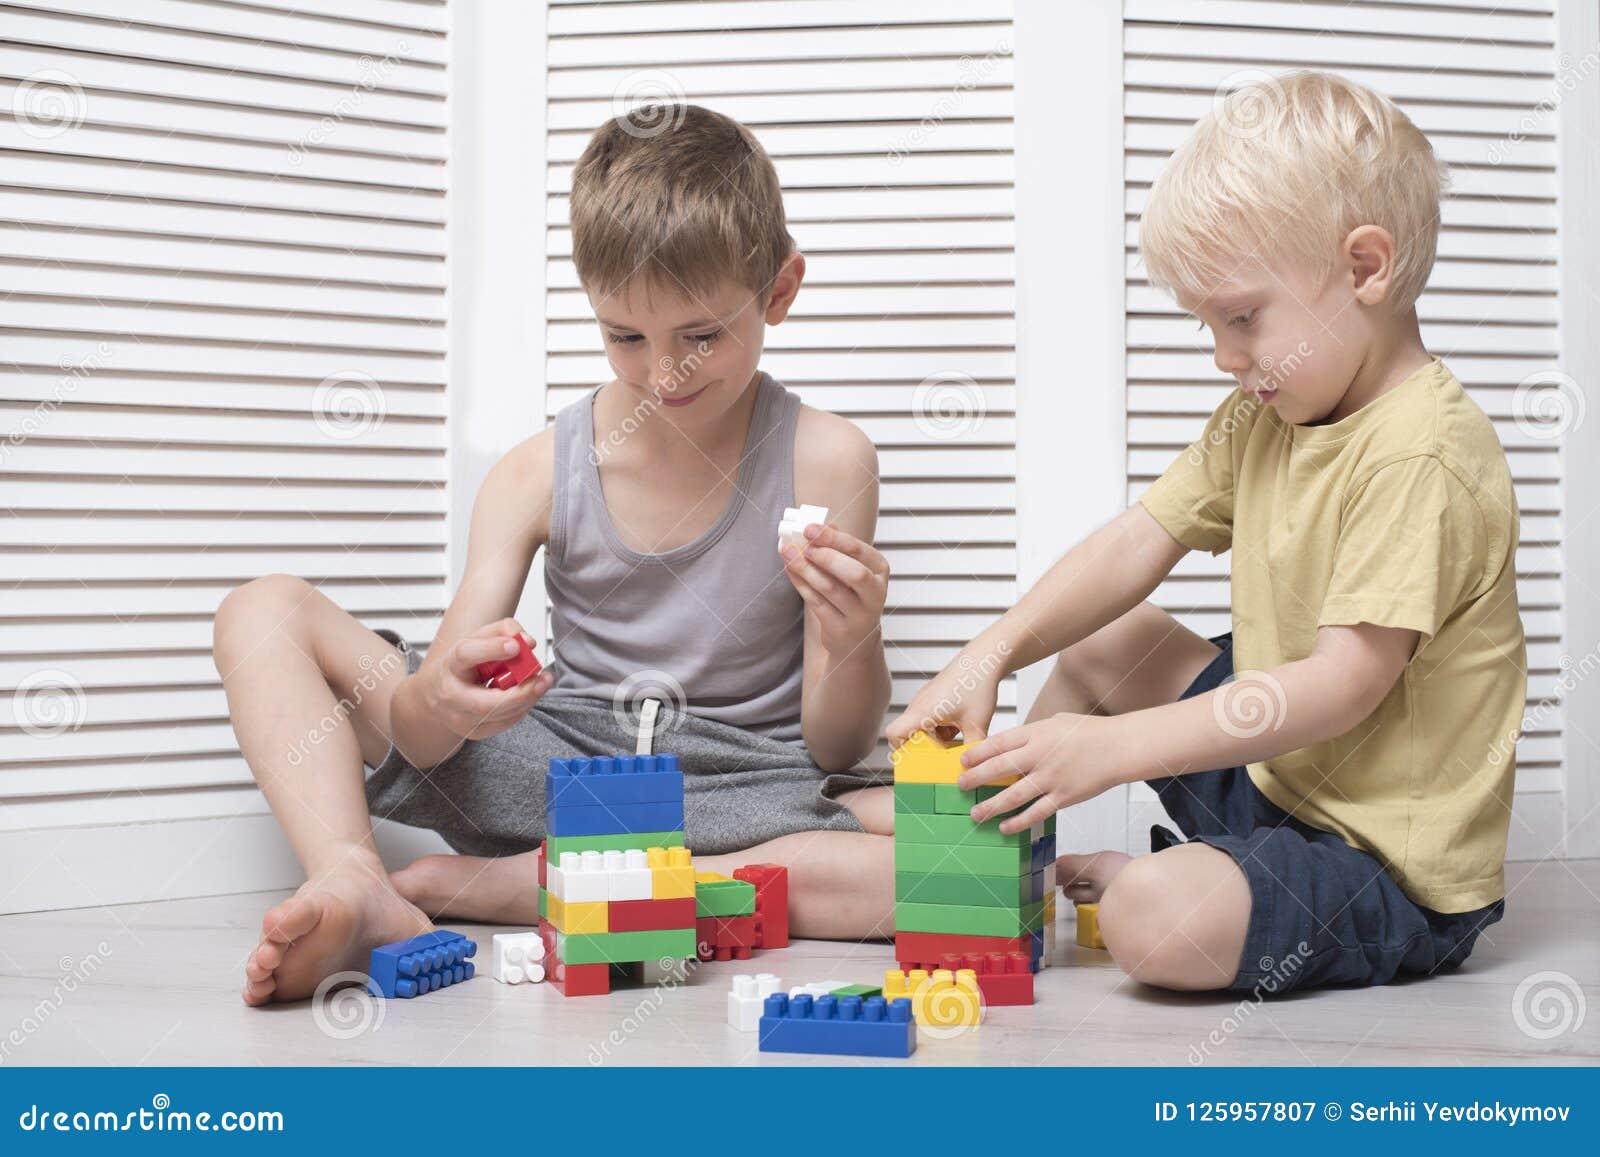 Δύο αγόρια παίζουν έναν σχεδιαστή Επικοινωνία και φιλία